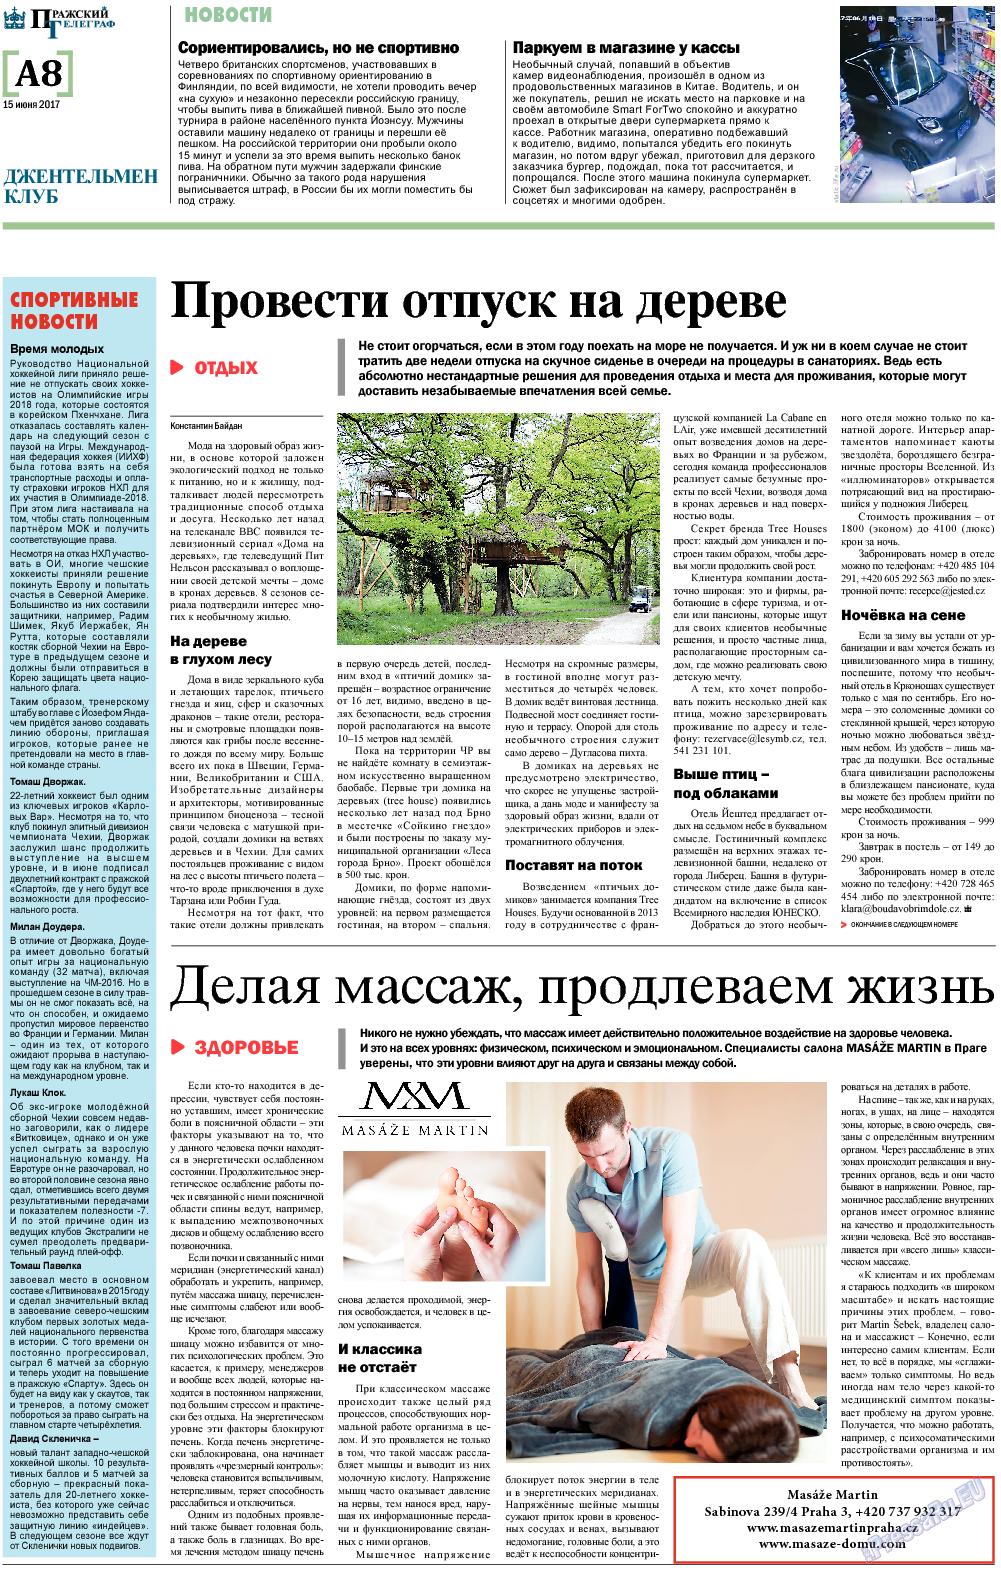 Пражский телеграф (газета). 2017 год, номер 25, стр. 8